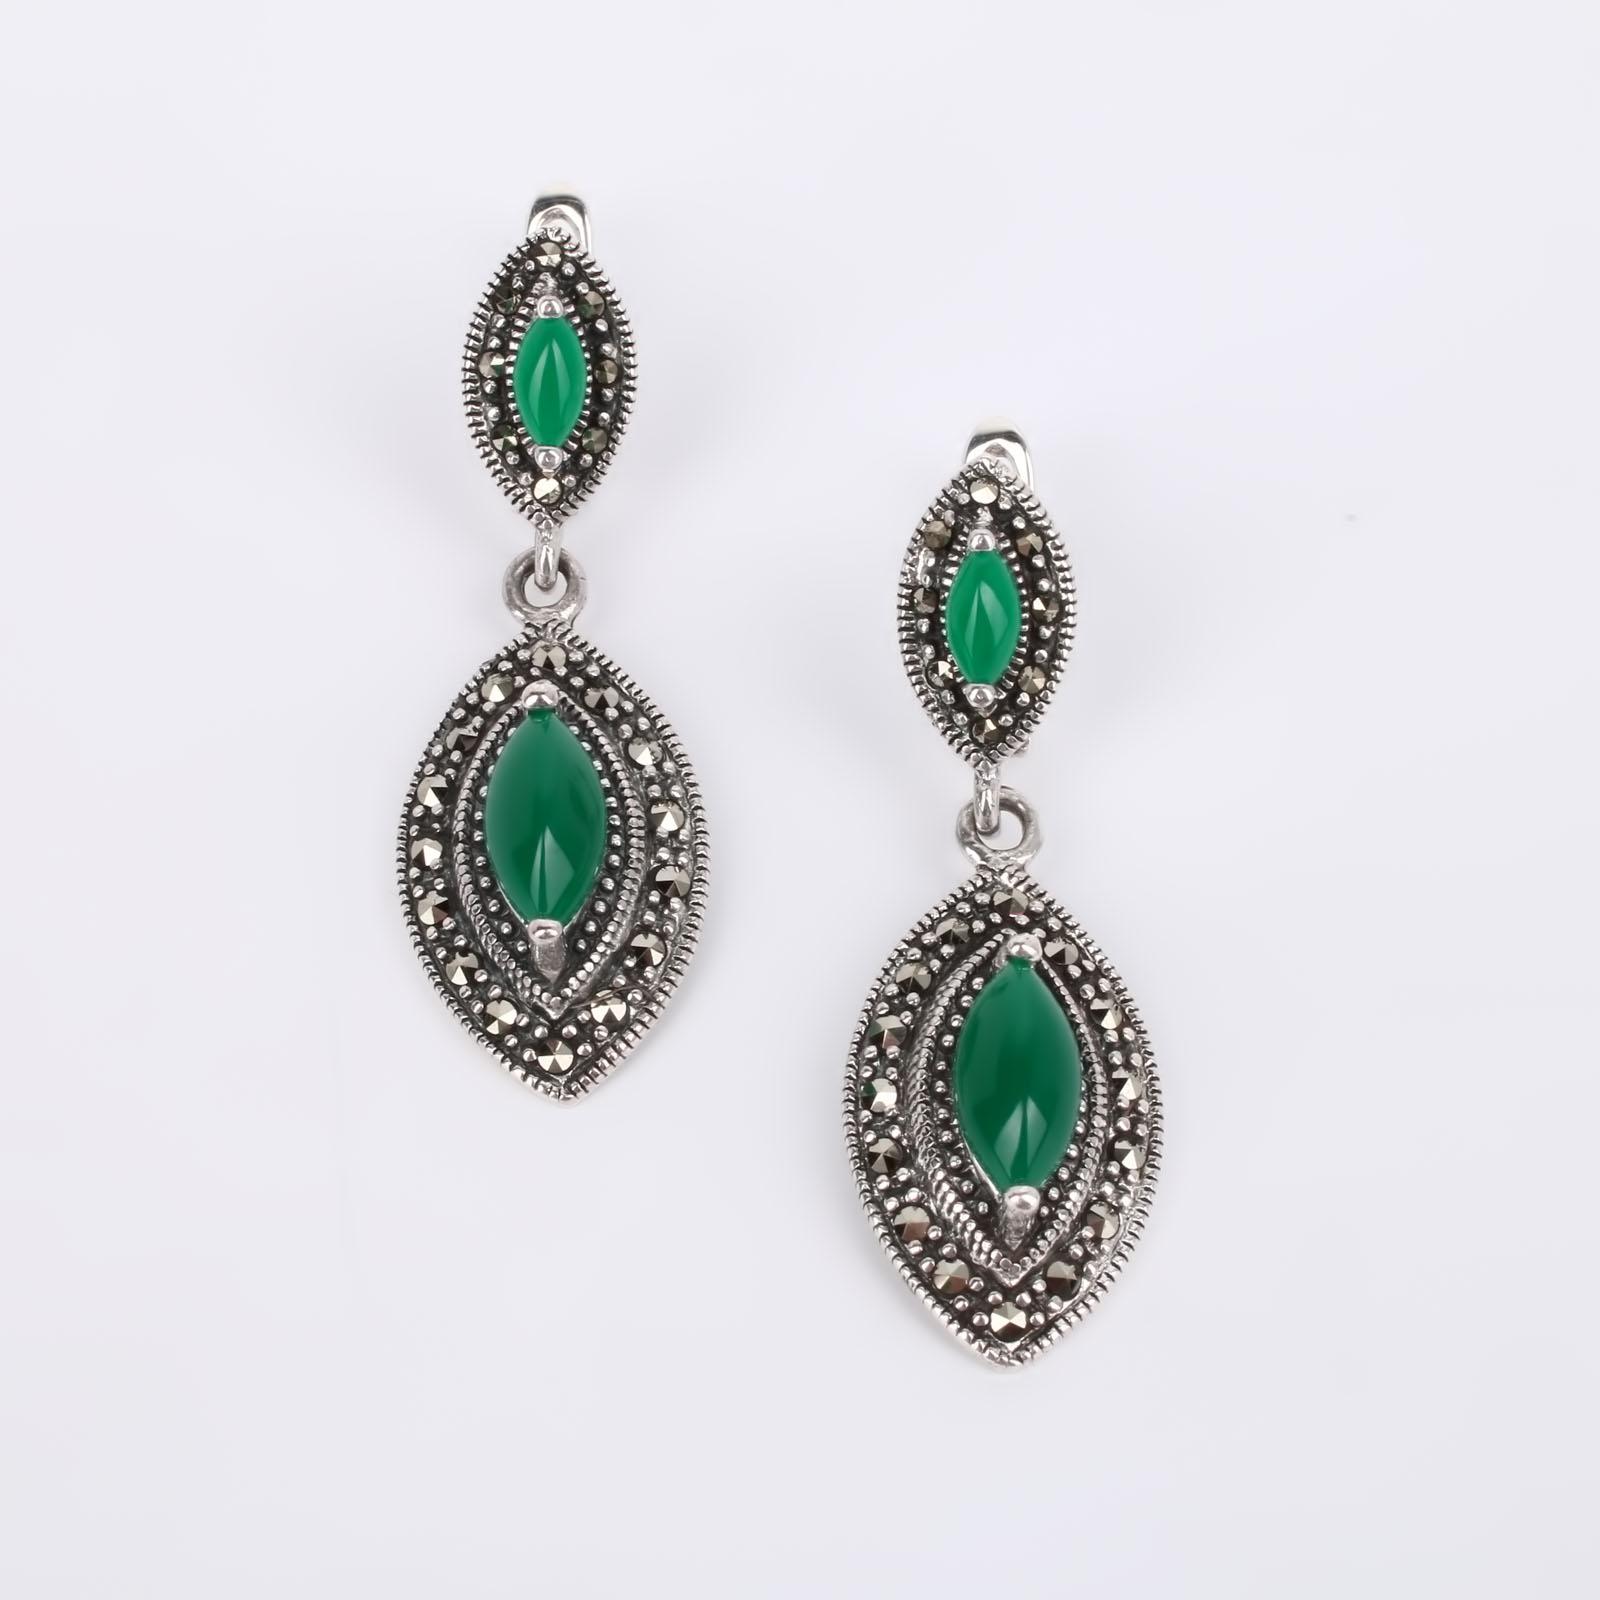 Серебряные серьги Сагдана silver wings silver wings серьги 22ae2227gs r 148